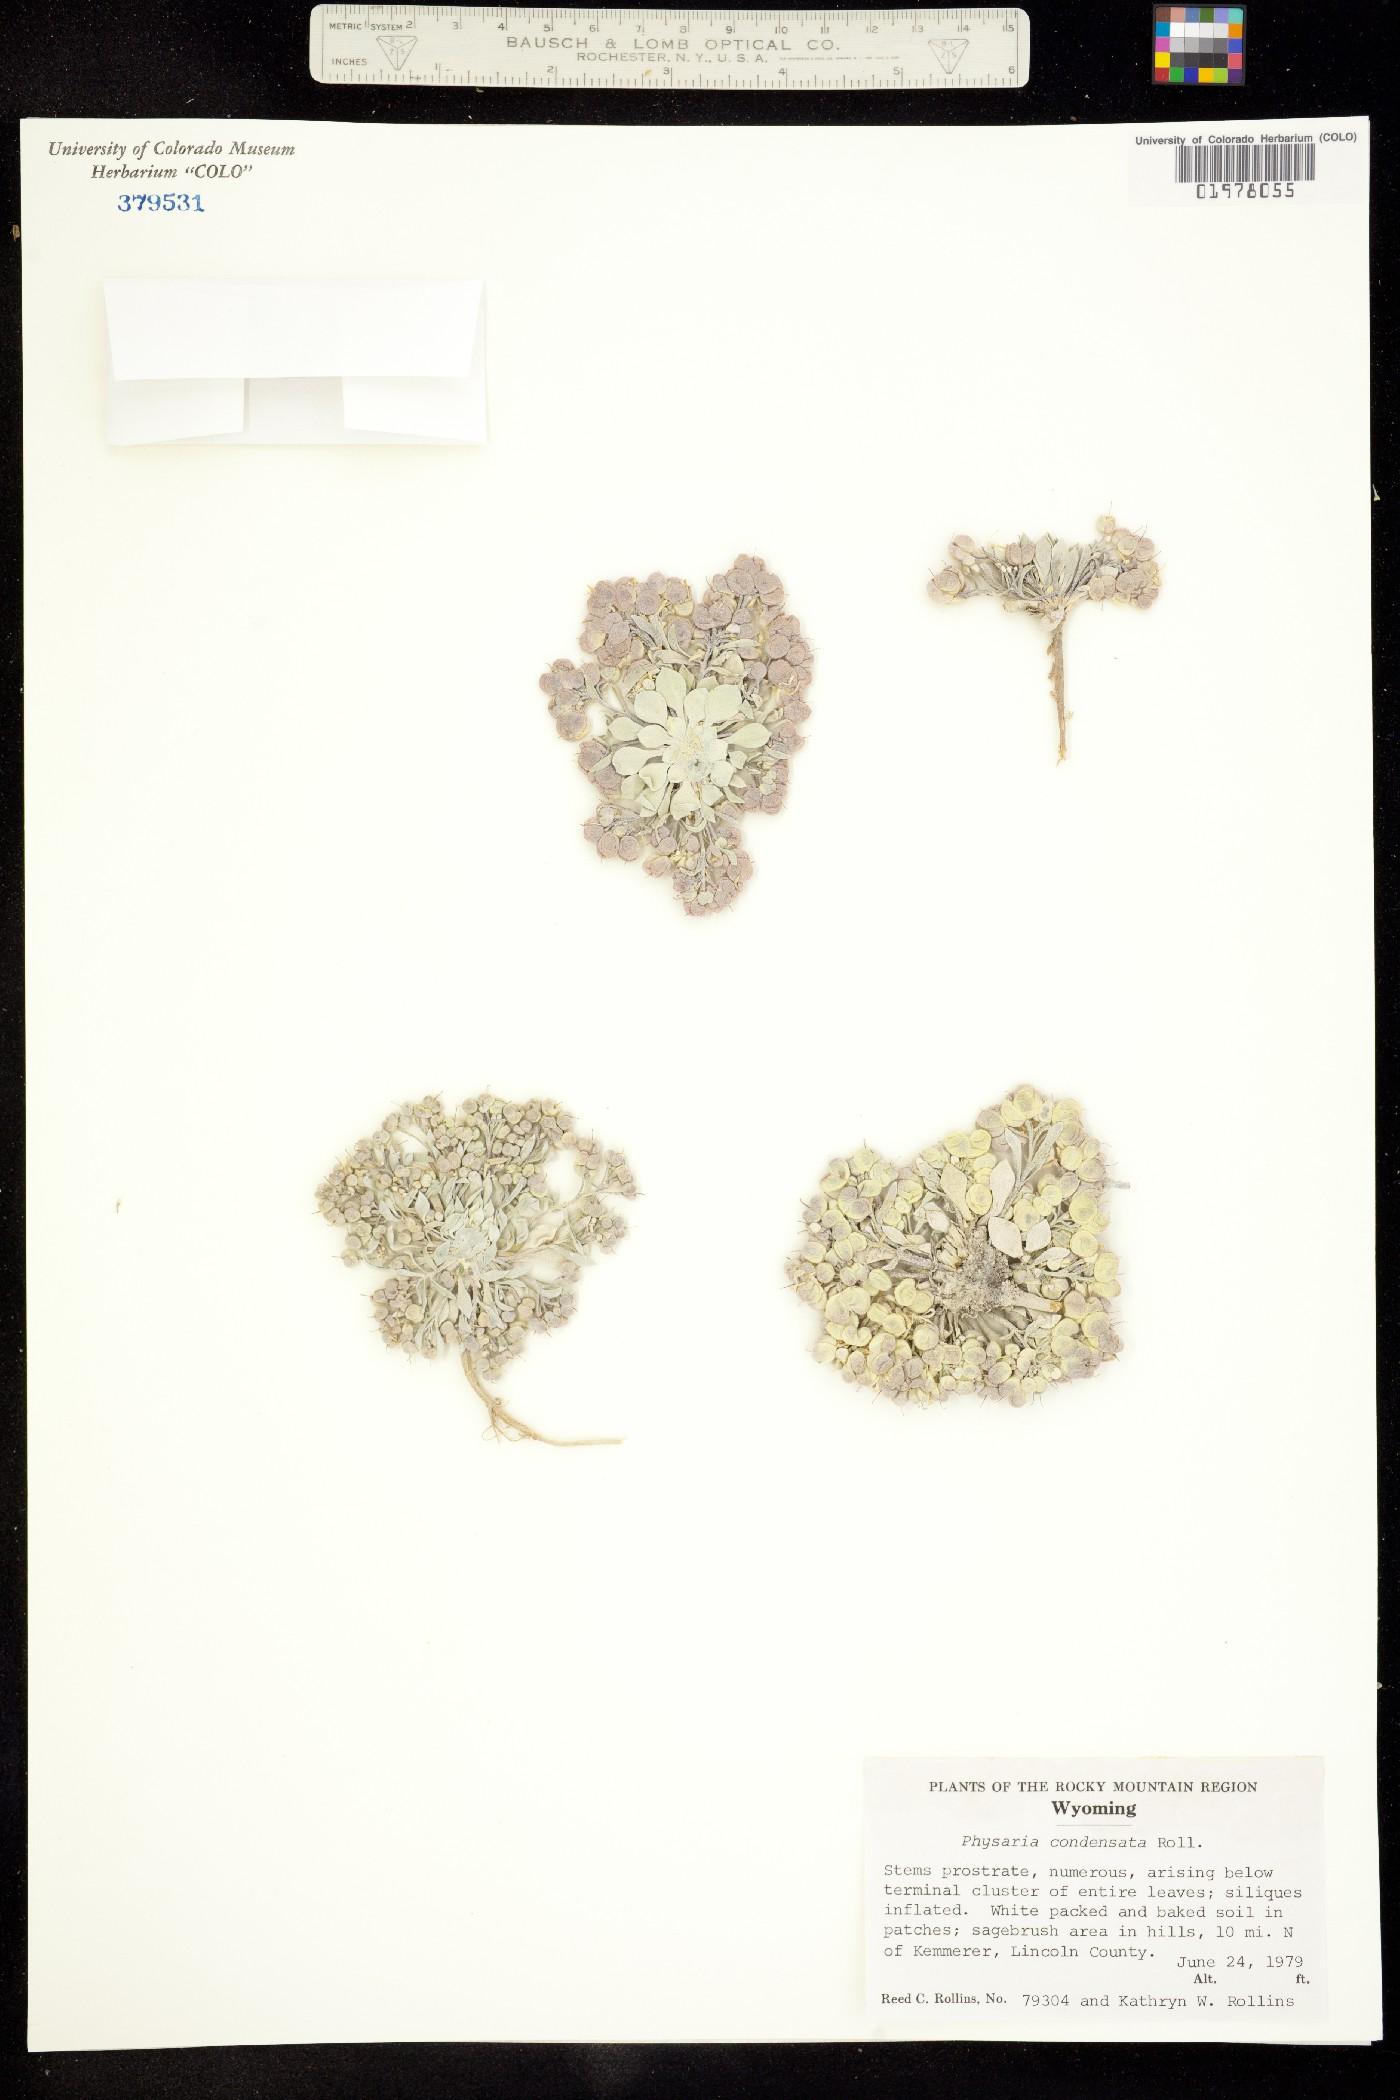 Physaria condensata image